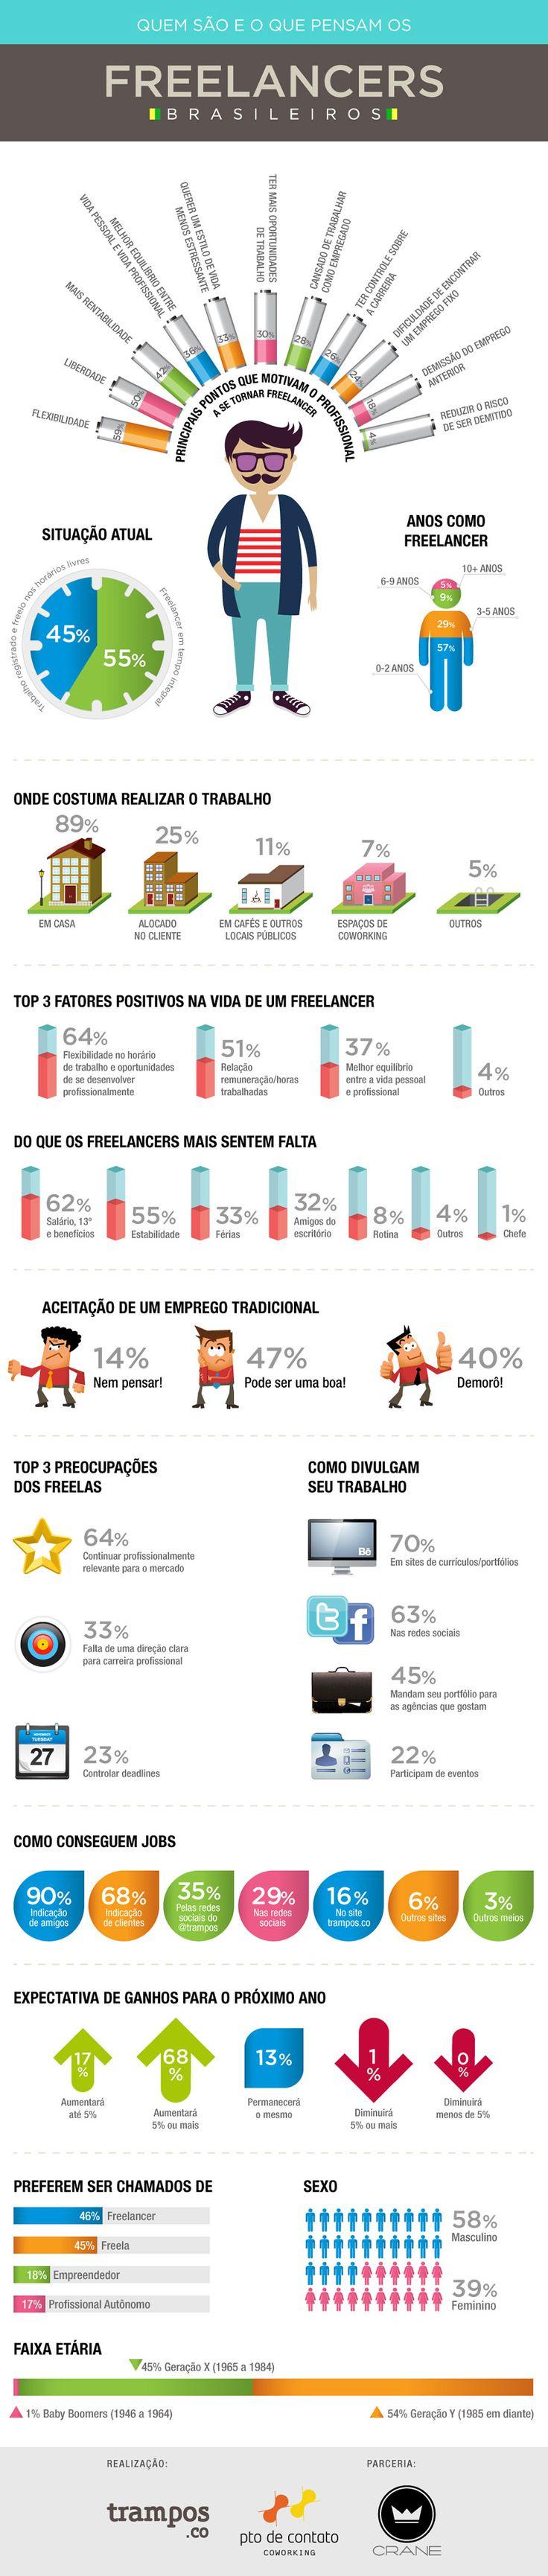 O que pensam os freelancers brasileiros - infográfico